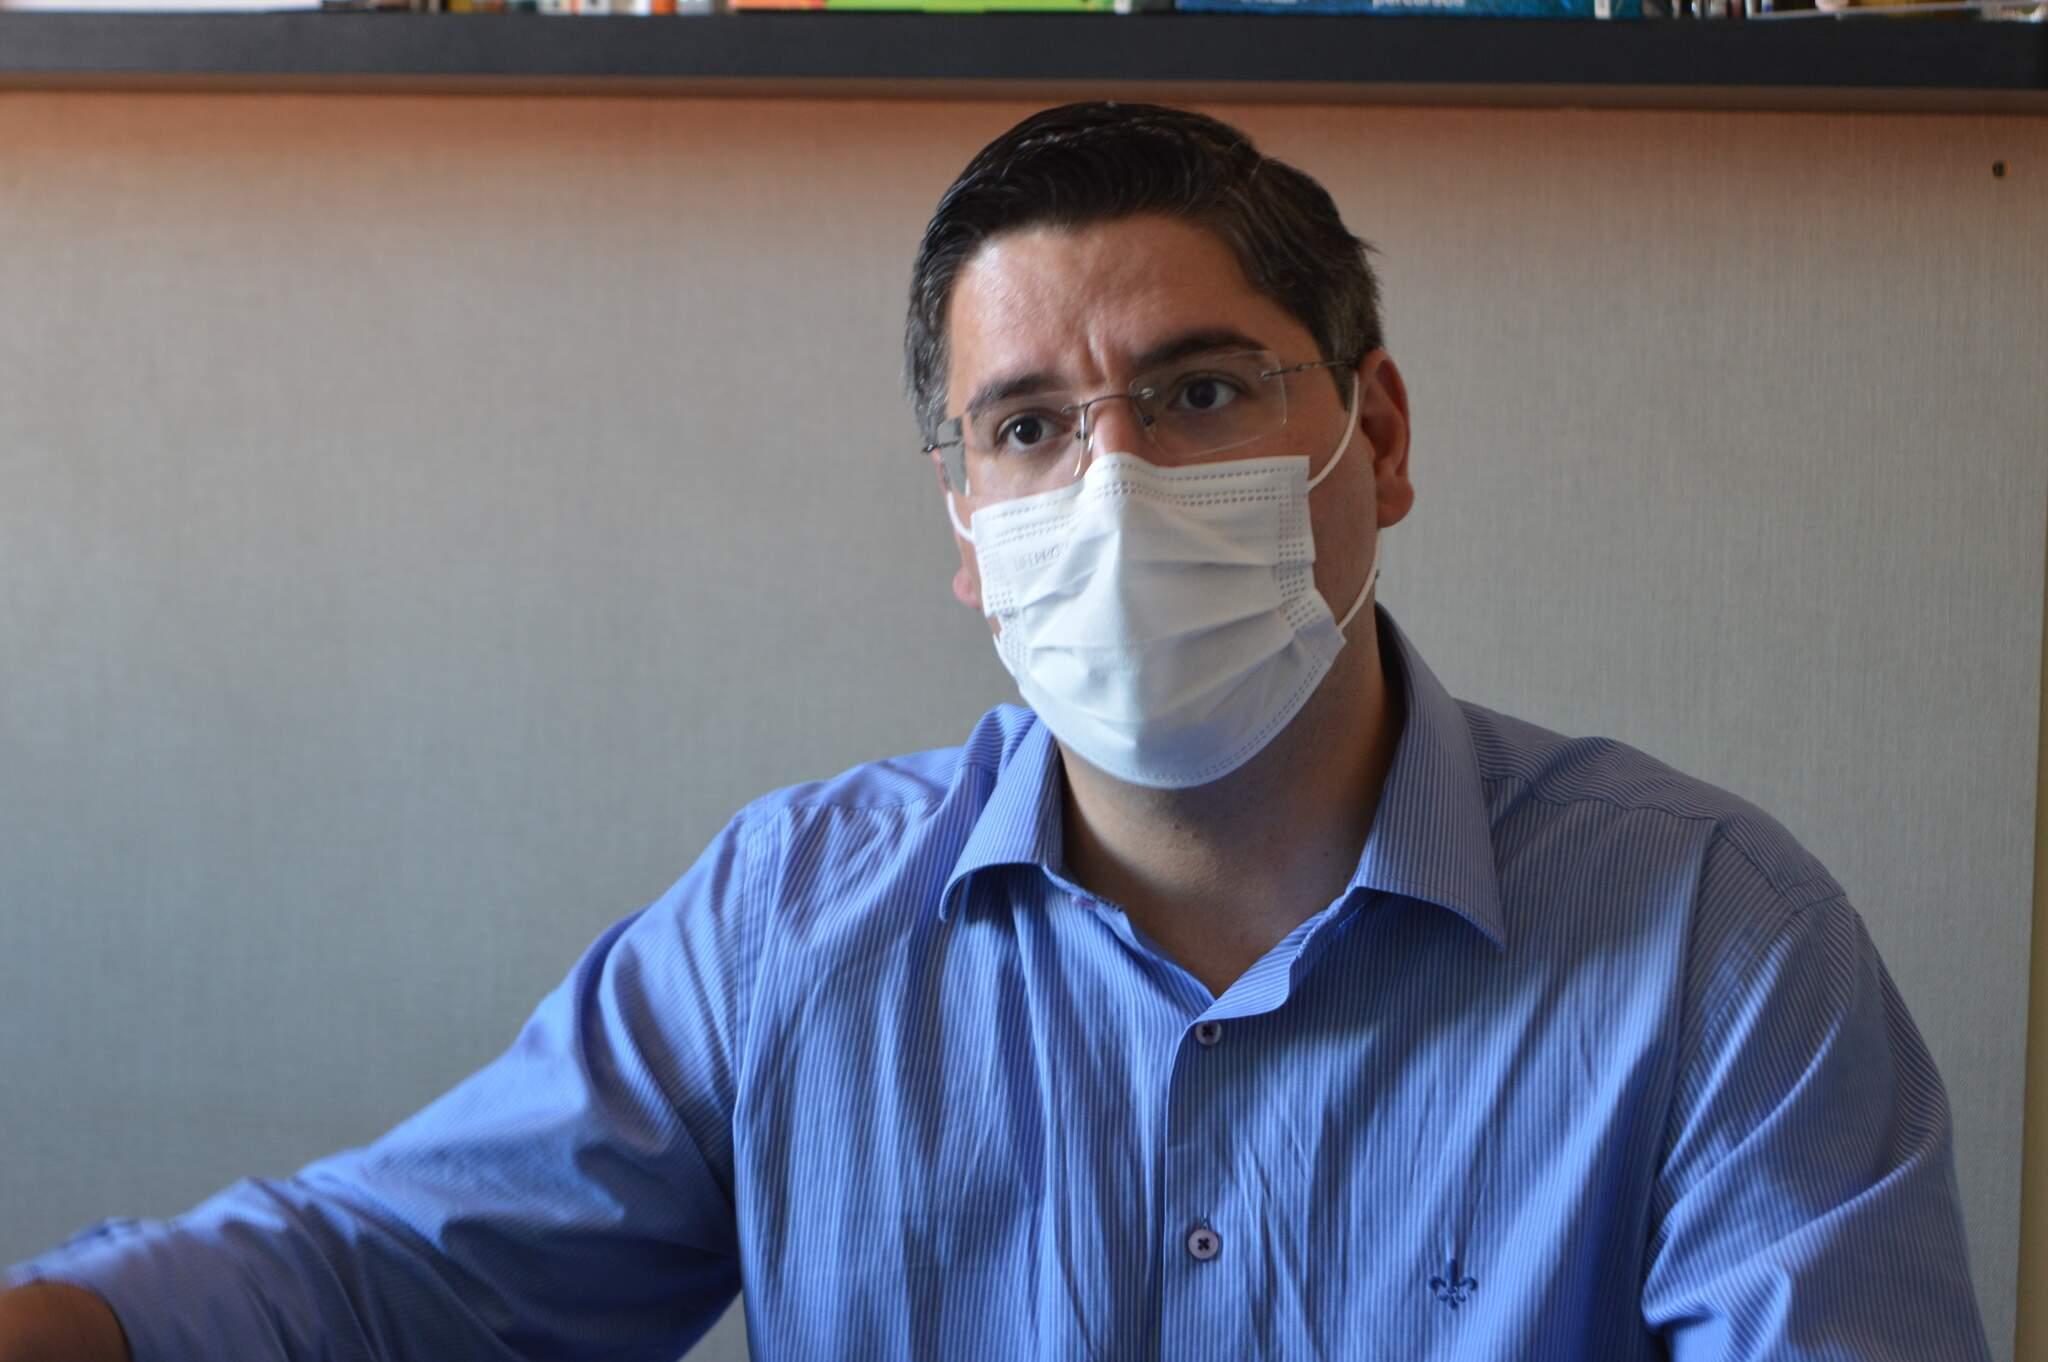 Vereador diz que momento crítico da sáude requer ampliação imediata de leitos (Foto: Thiago Mendes)